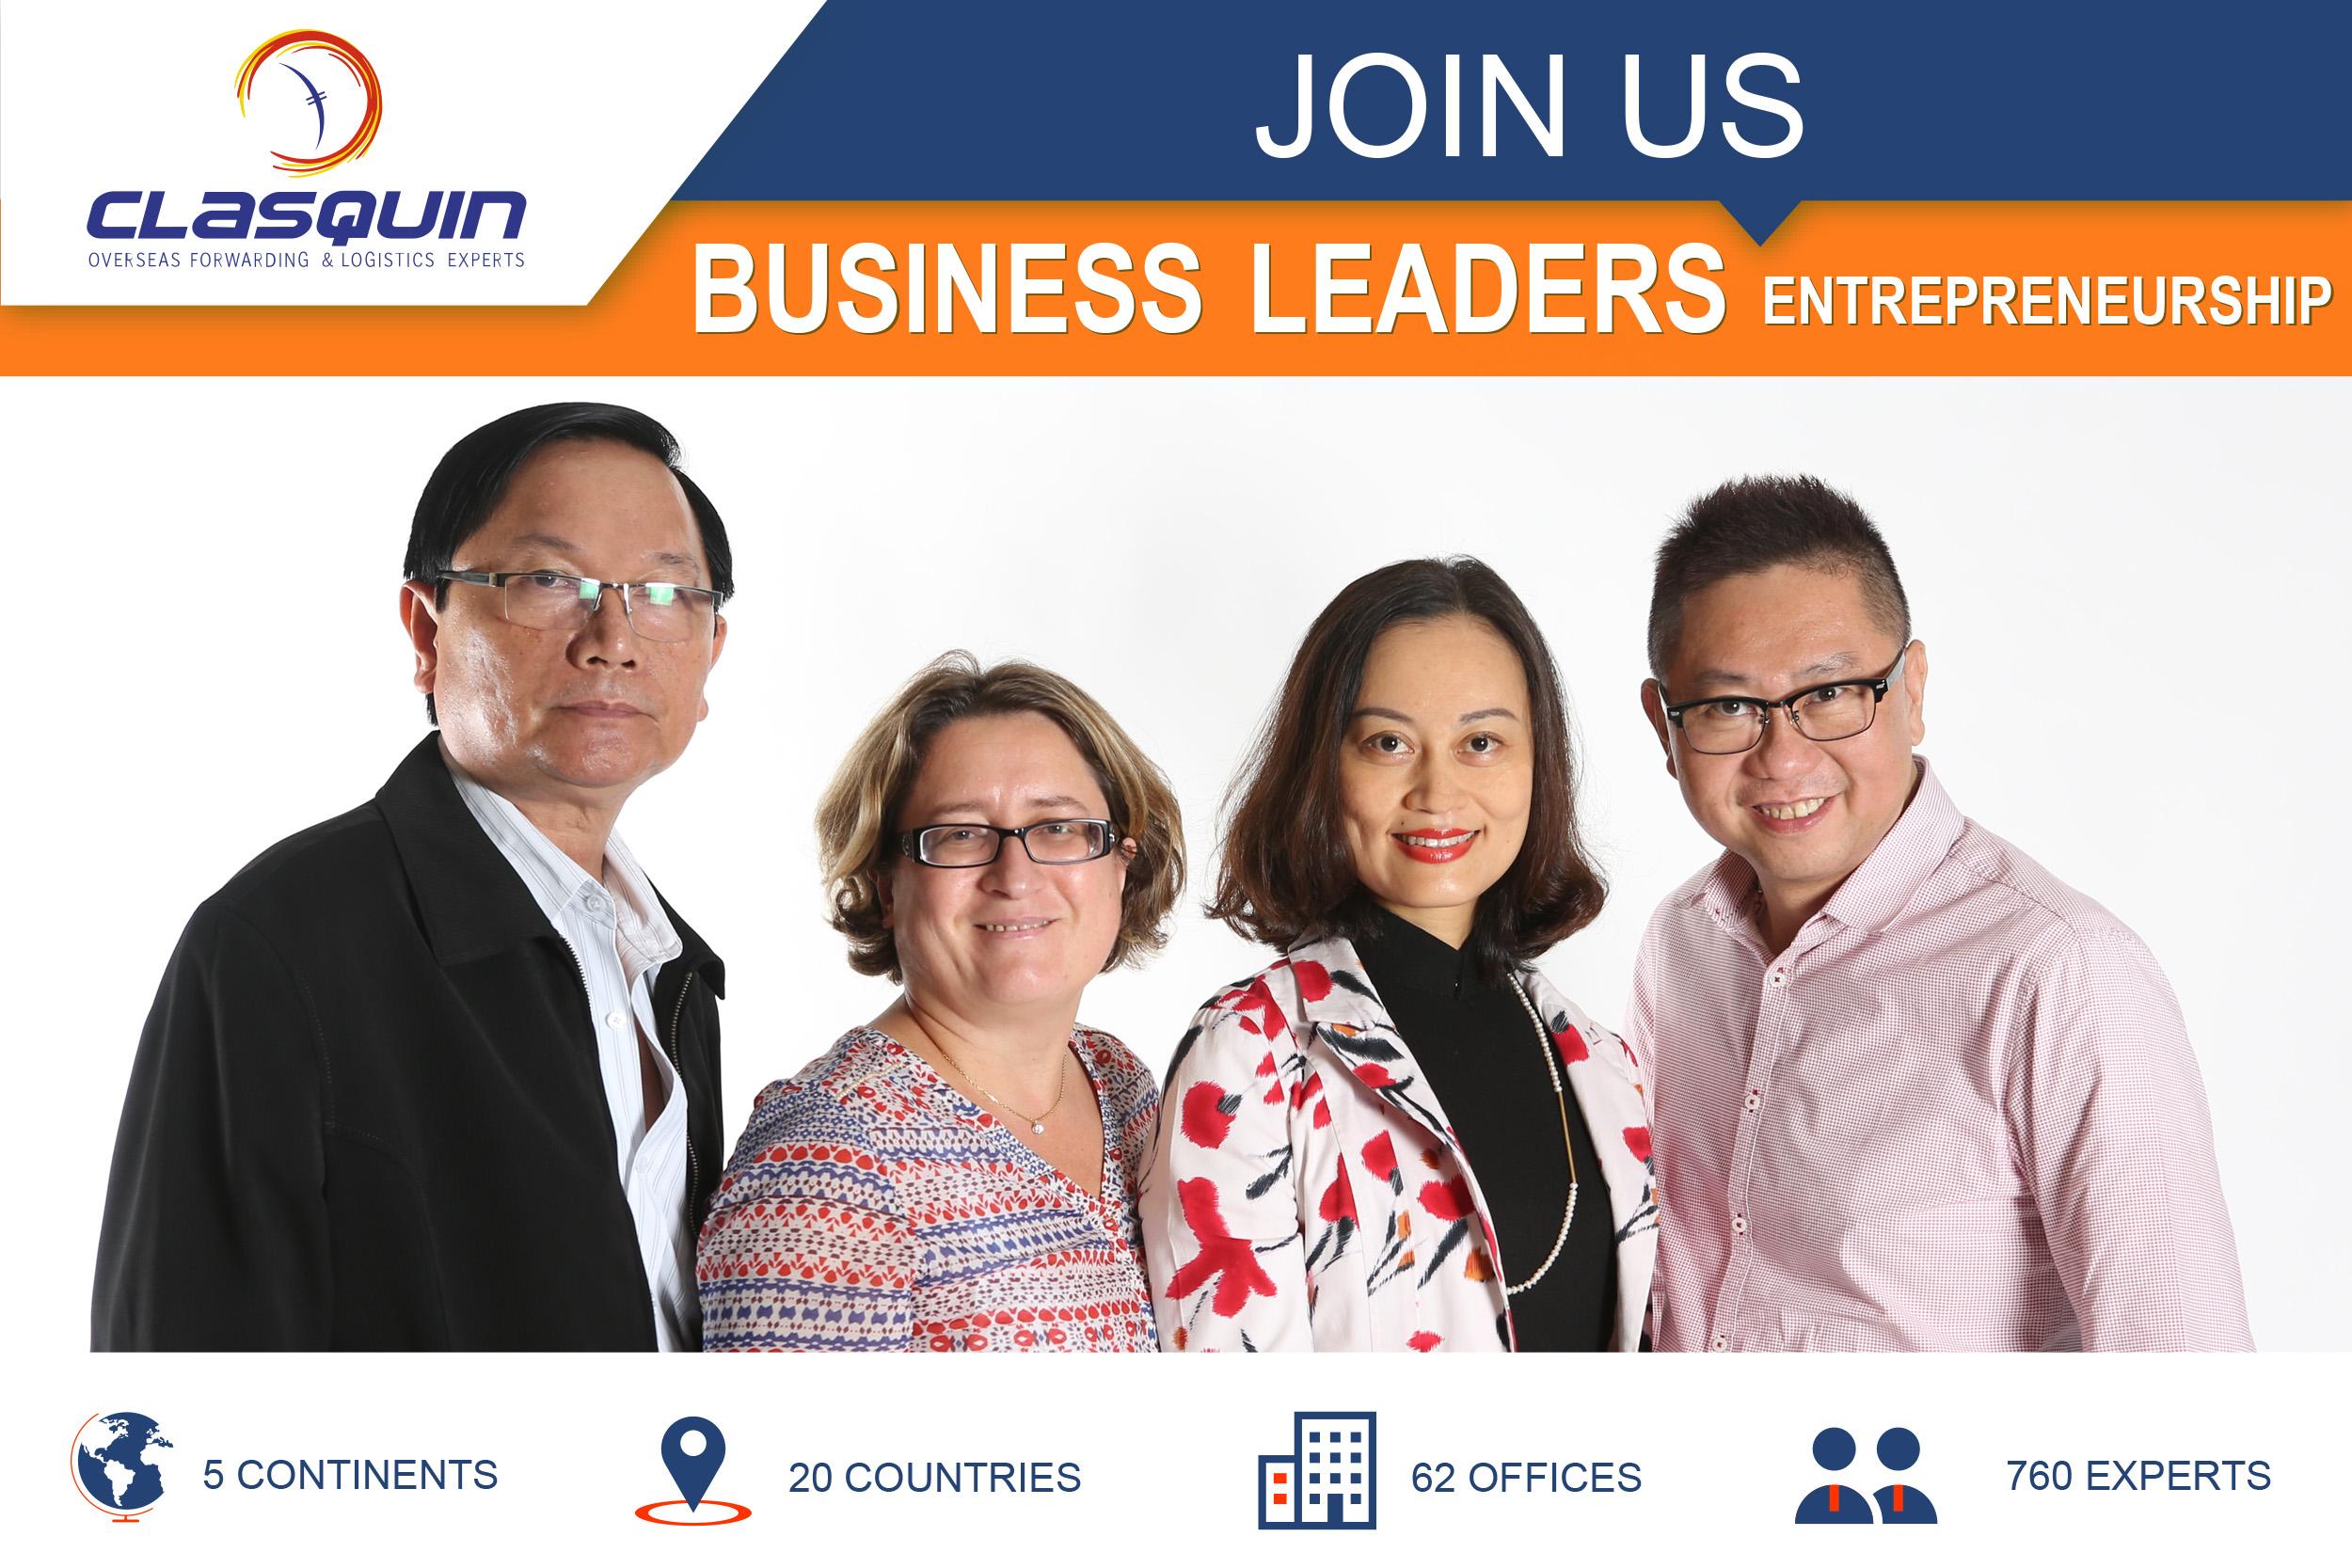 加入我们 — 商业领袖和企业家